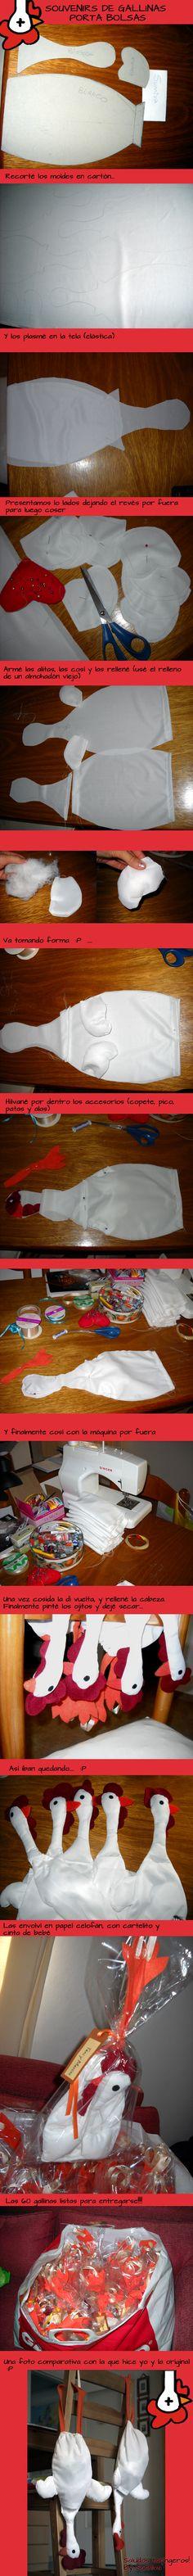 Souvenirs casamiento con gallinas porta bolsas